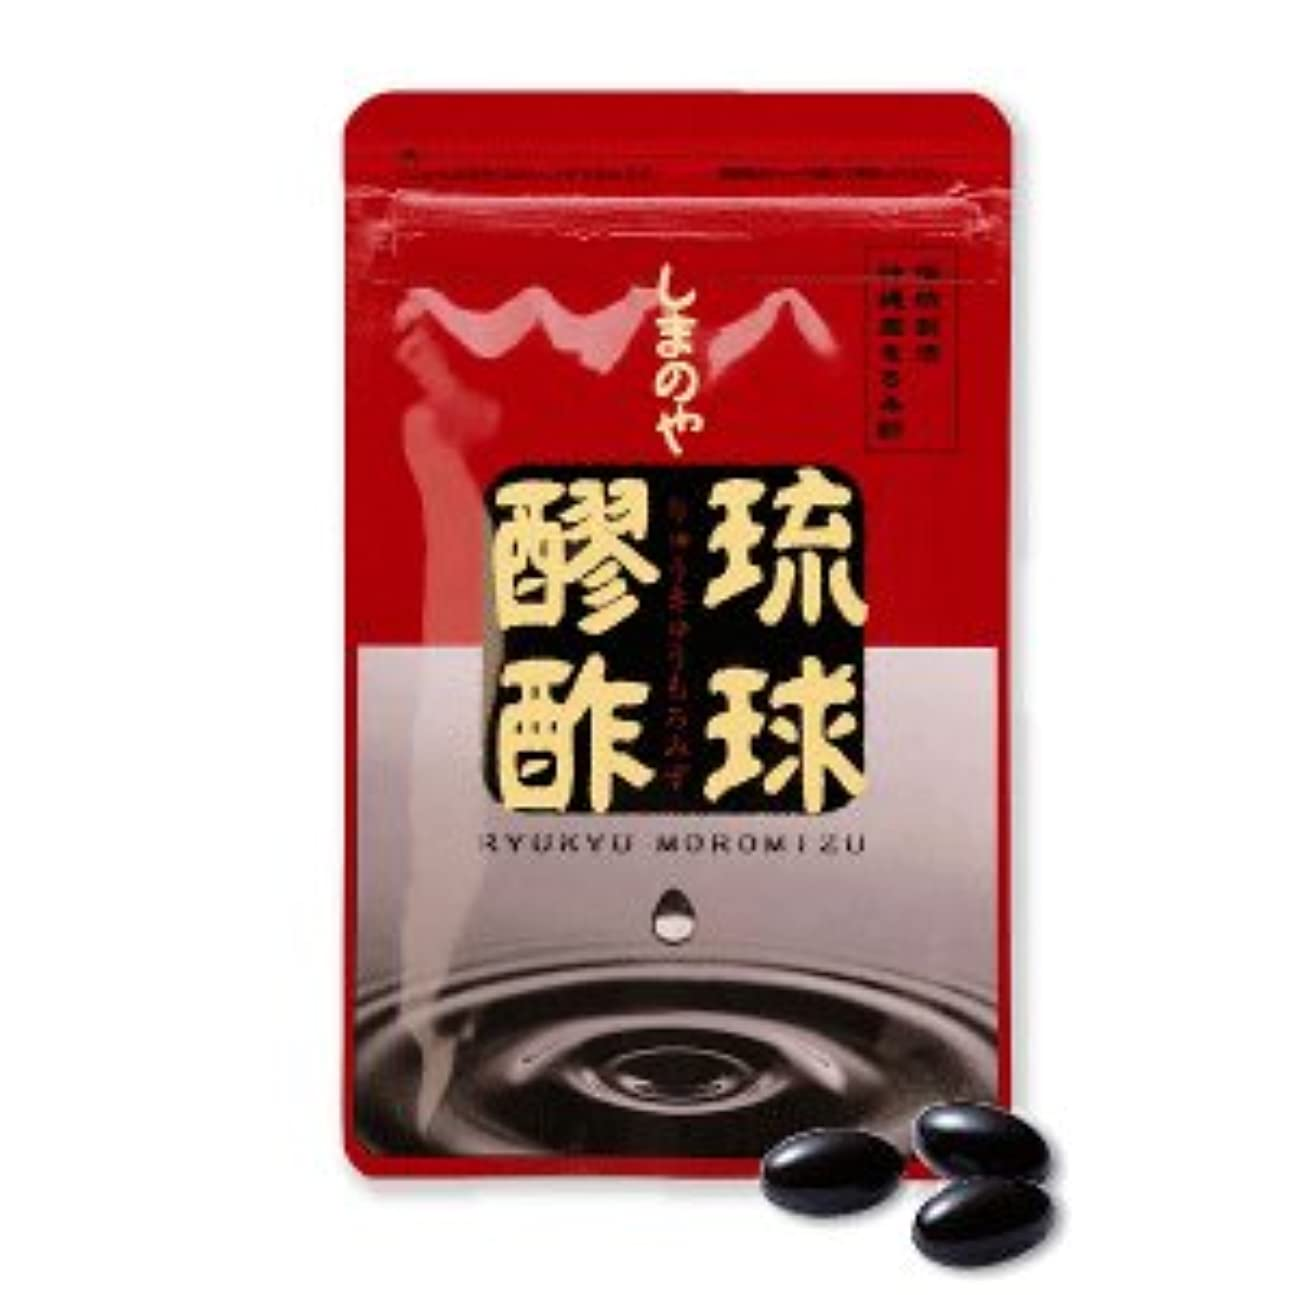 選択する着実に広々としたしまのや 琉球もろみ酢 93粒 クエン酸 アミノ酸たっぷり